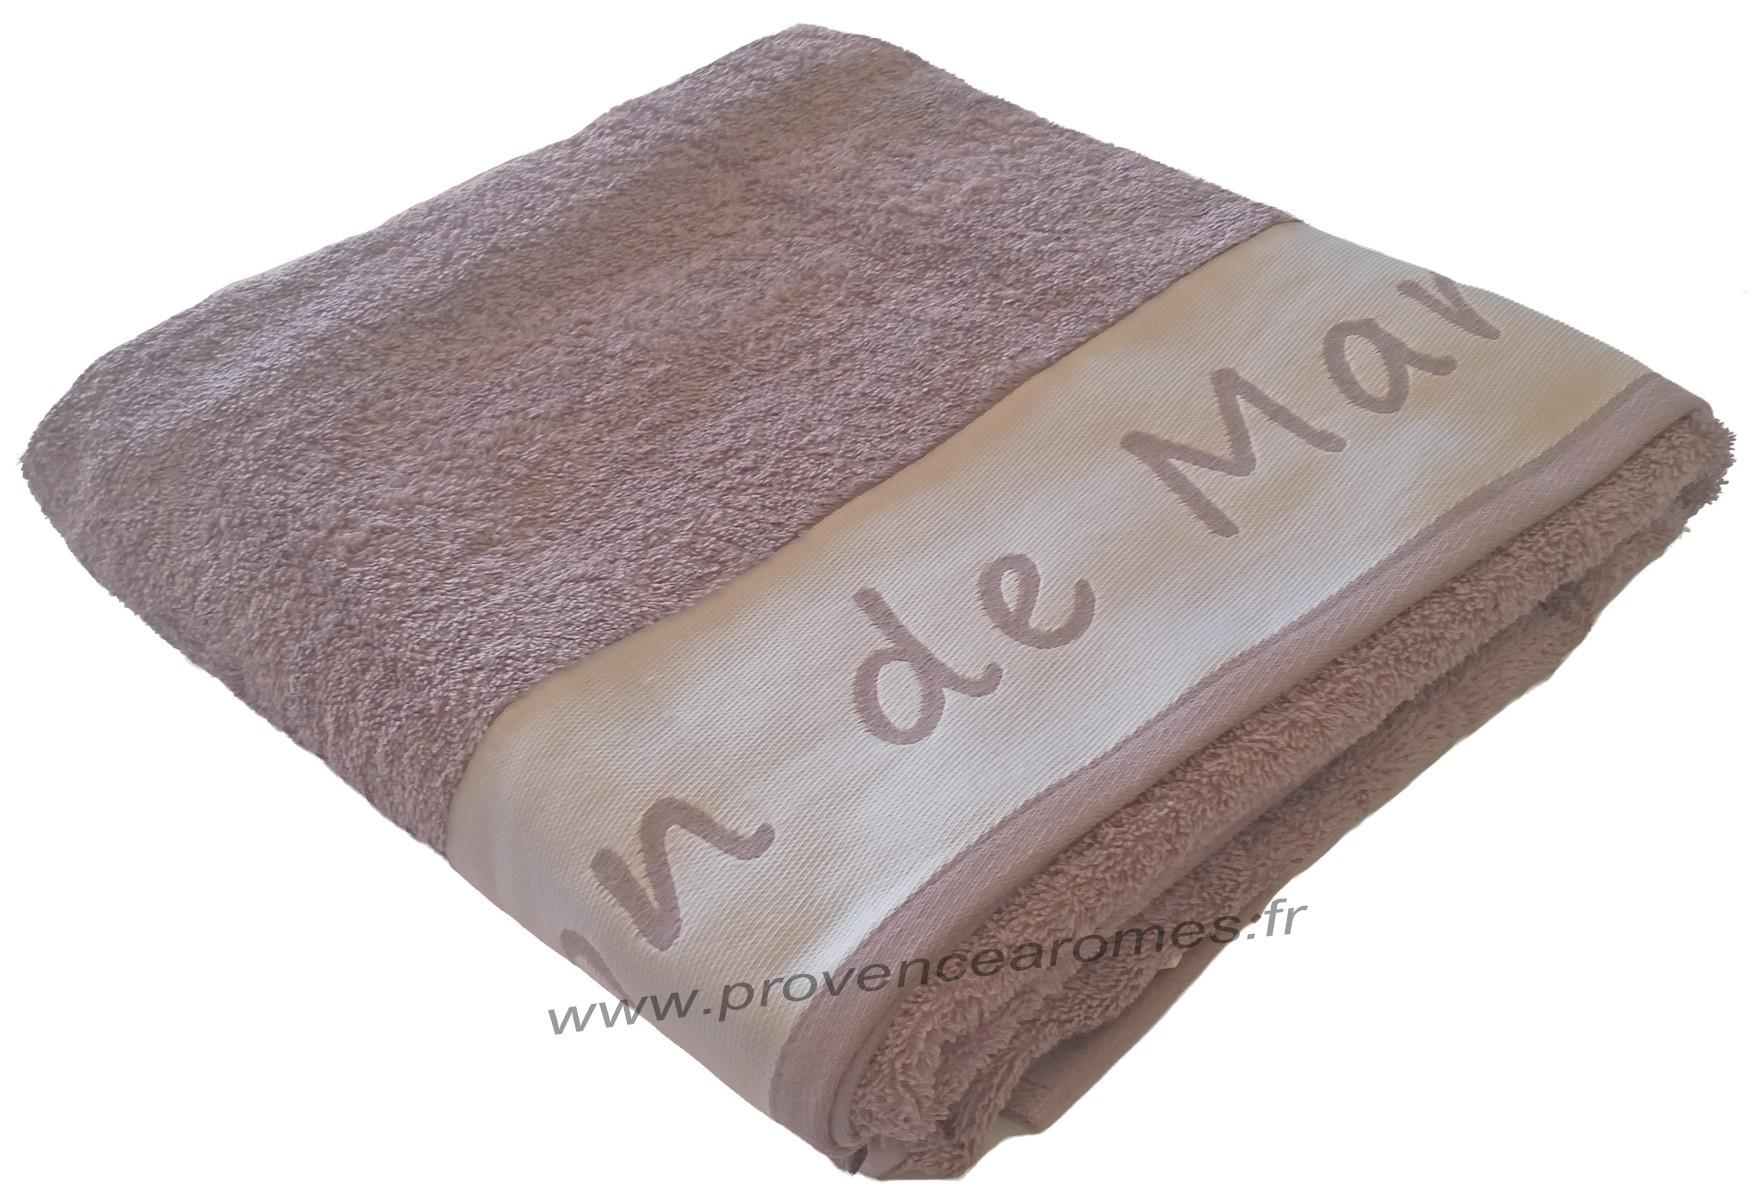 Drap De Bain Savon De Marseille drap de bain brodé savon de marseille couleur parme - provence arômes  tendance sud